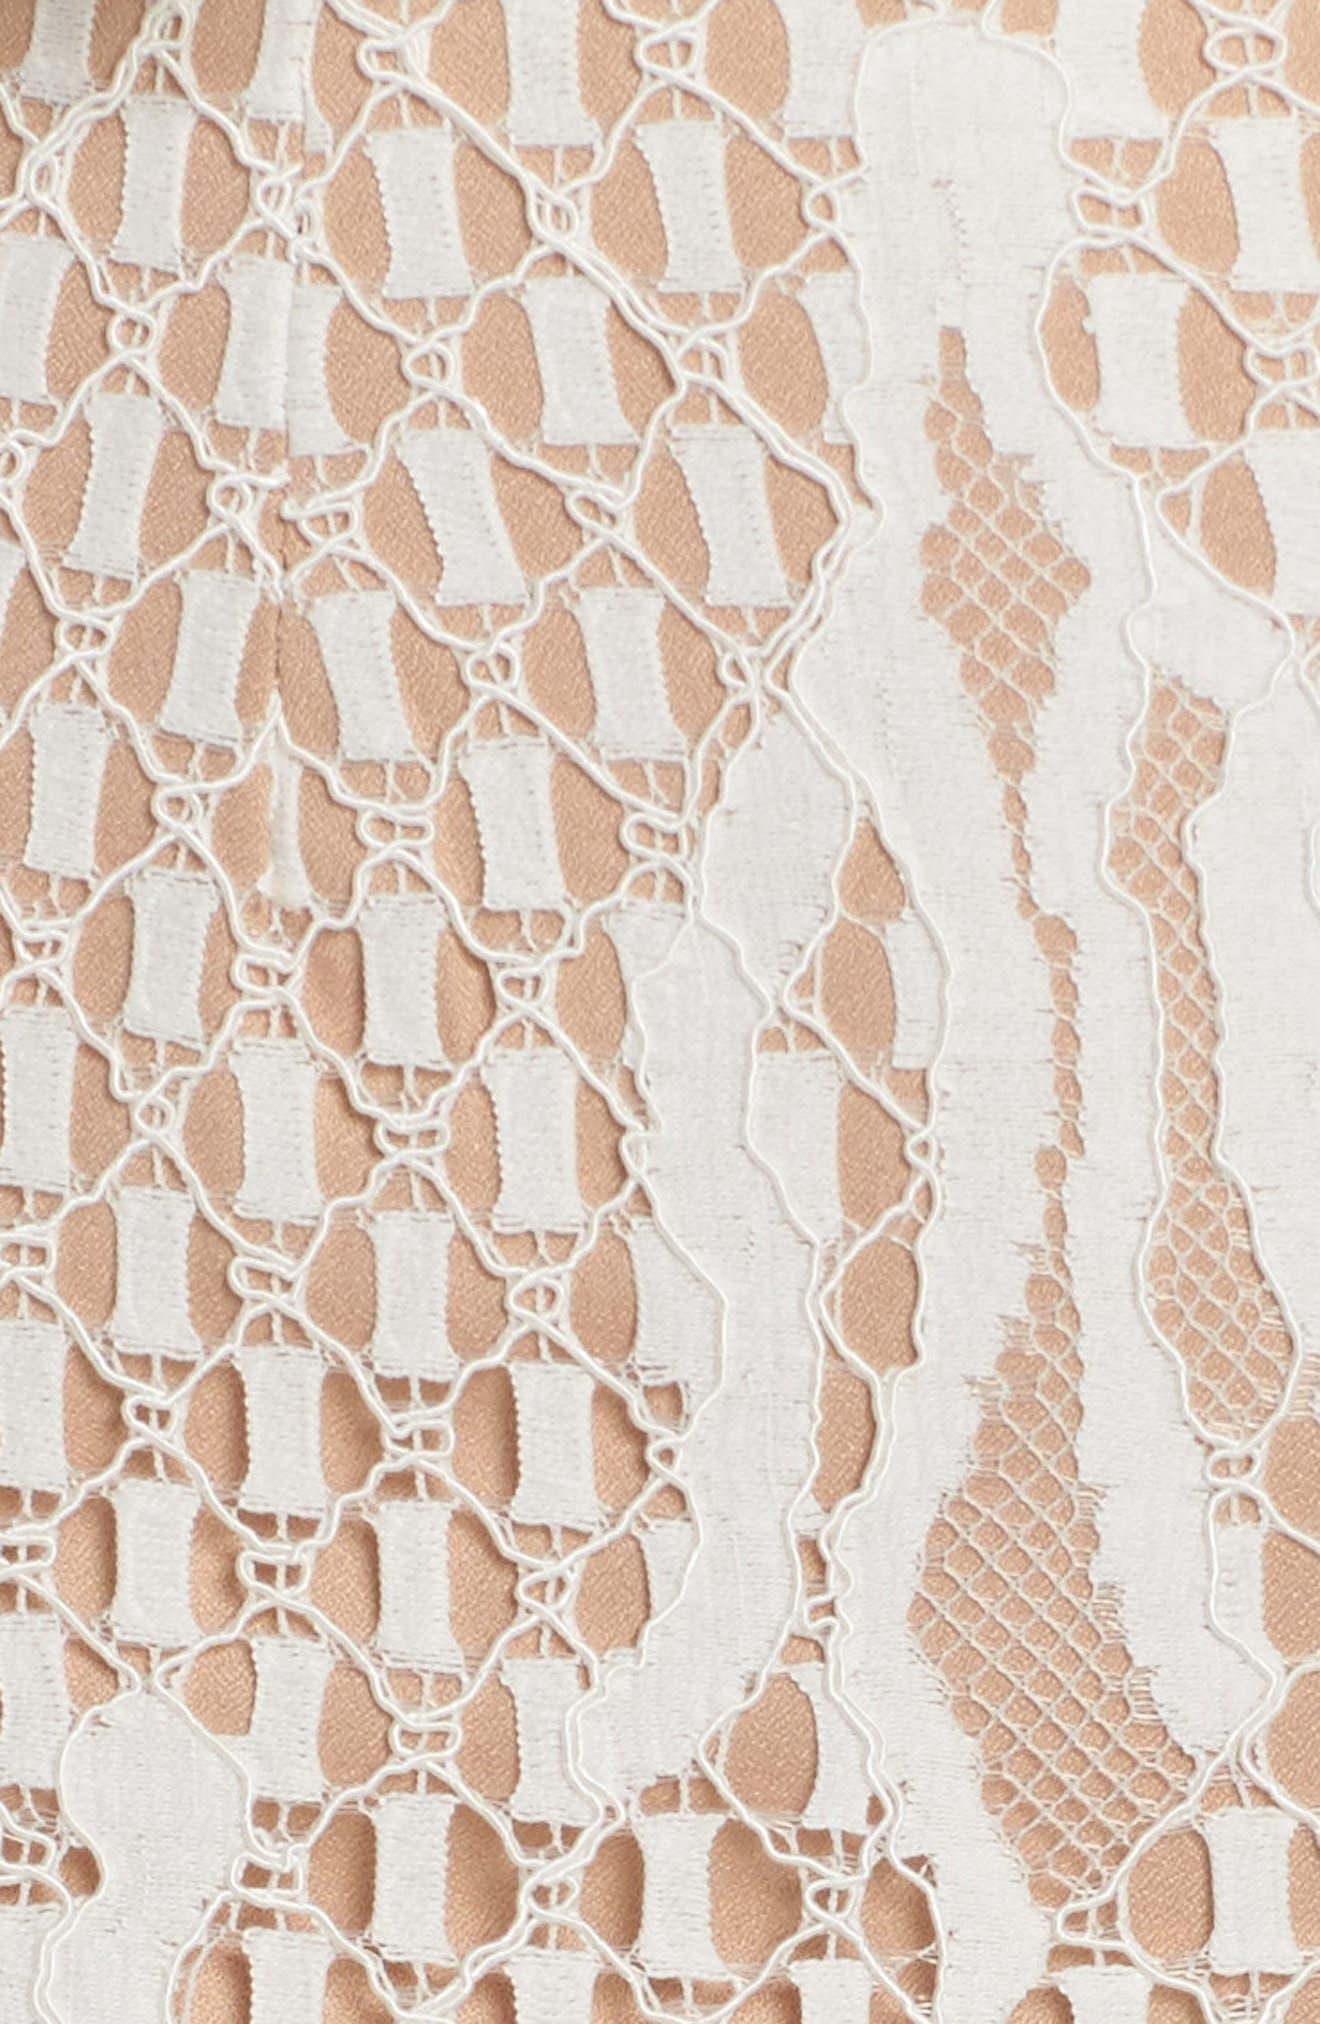 Davilea Off the Shoulder Lace Gown,                             Alternate thumbnail 5, color,                             900